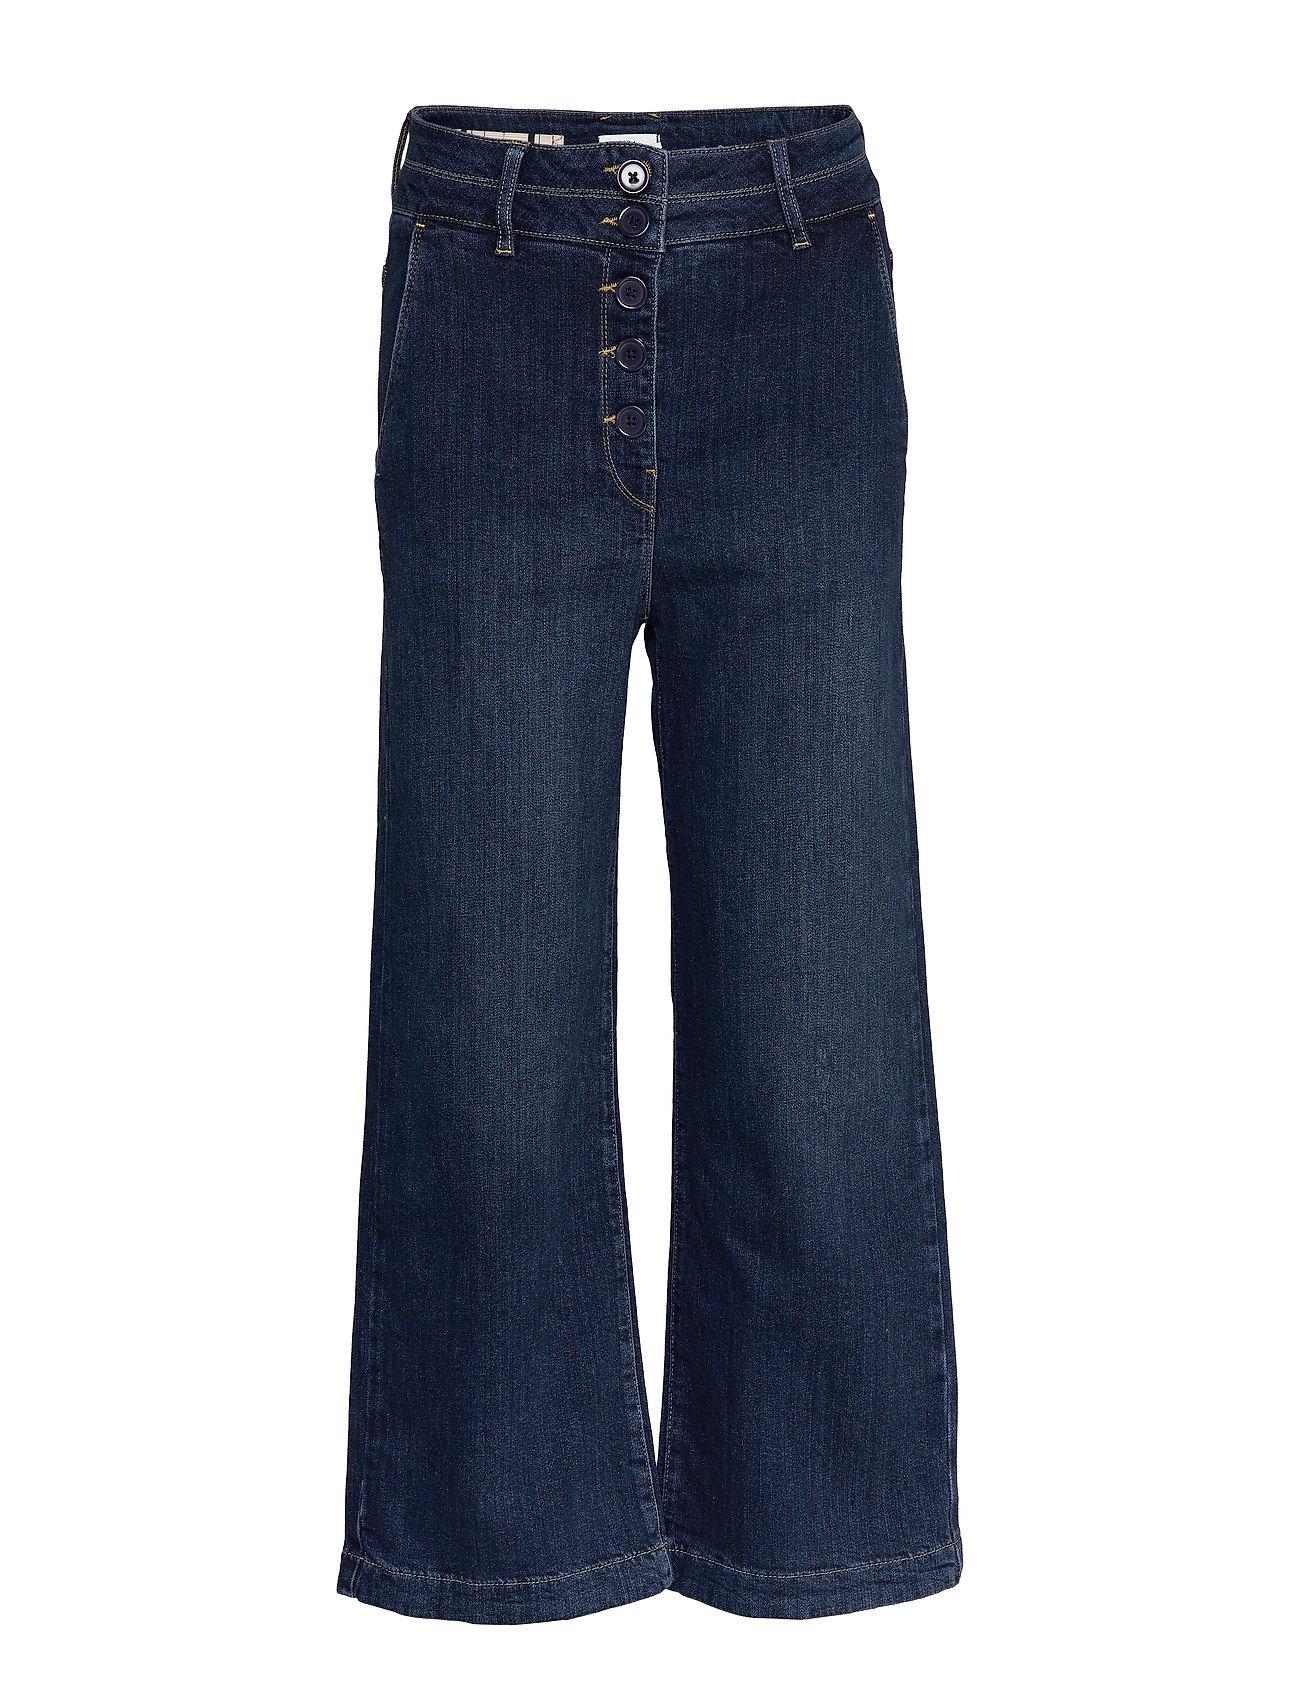 Image of Trousers Vide Jeans Blå Noa Noa (3293915431)